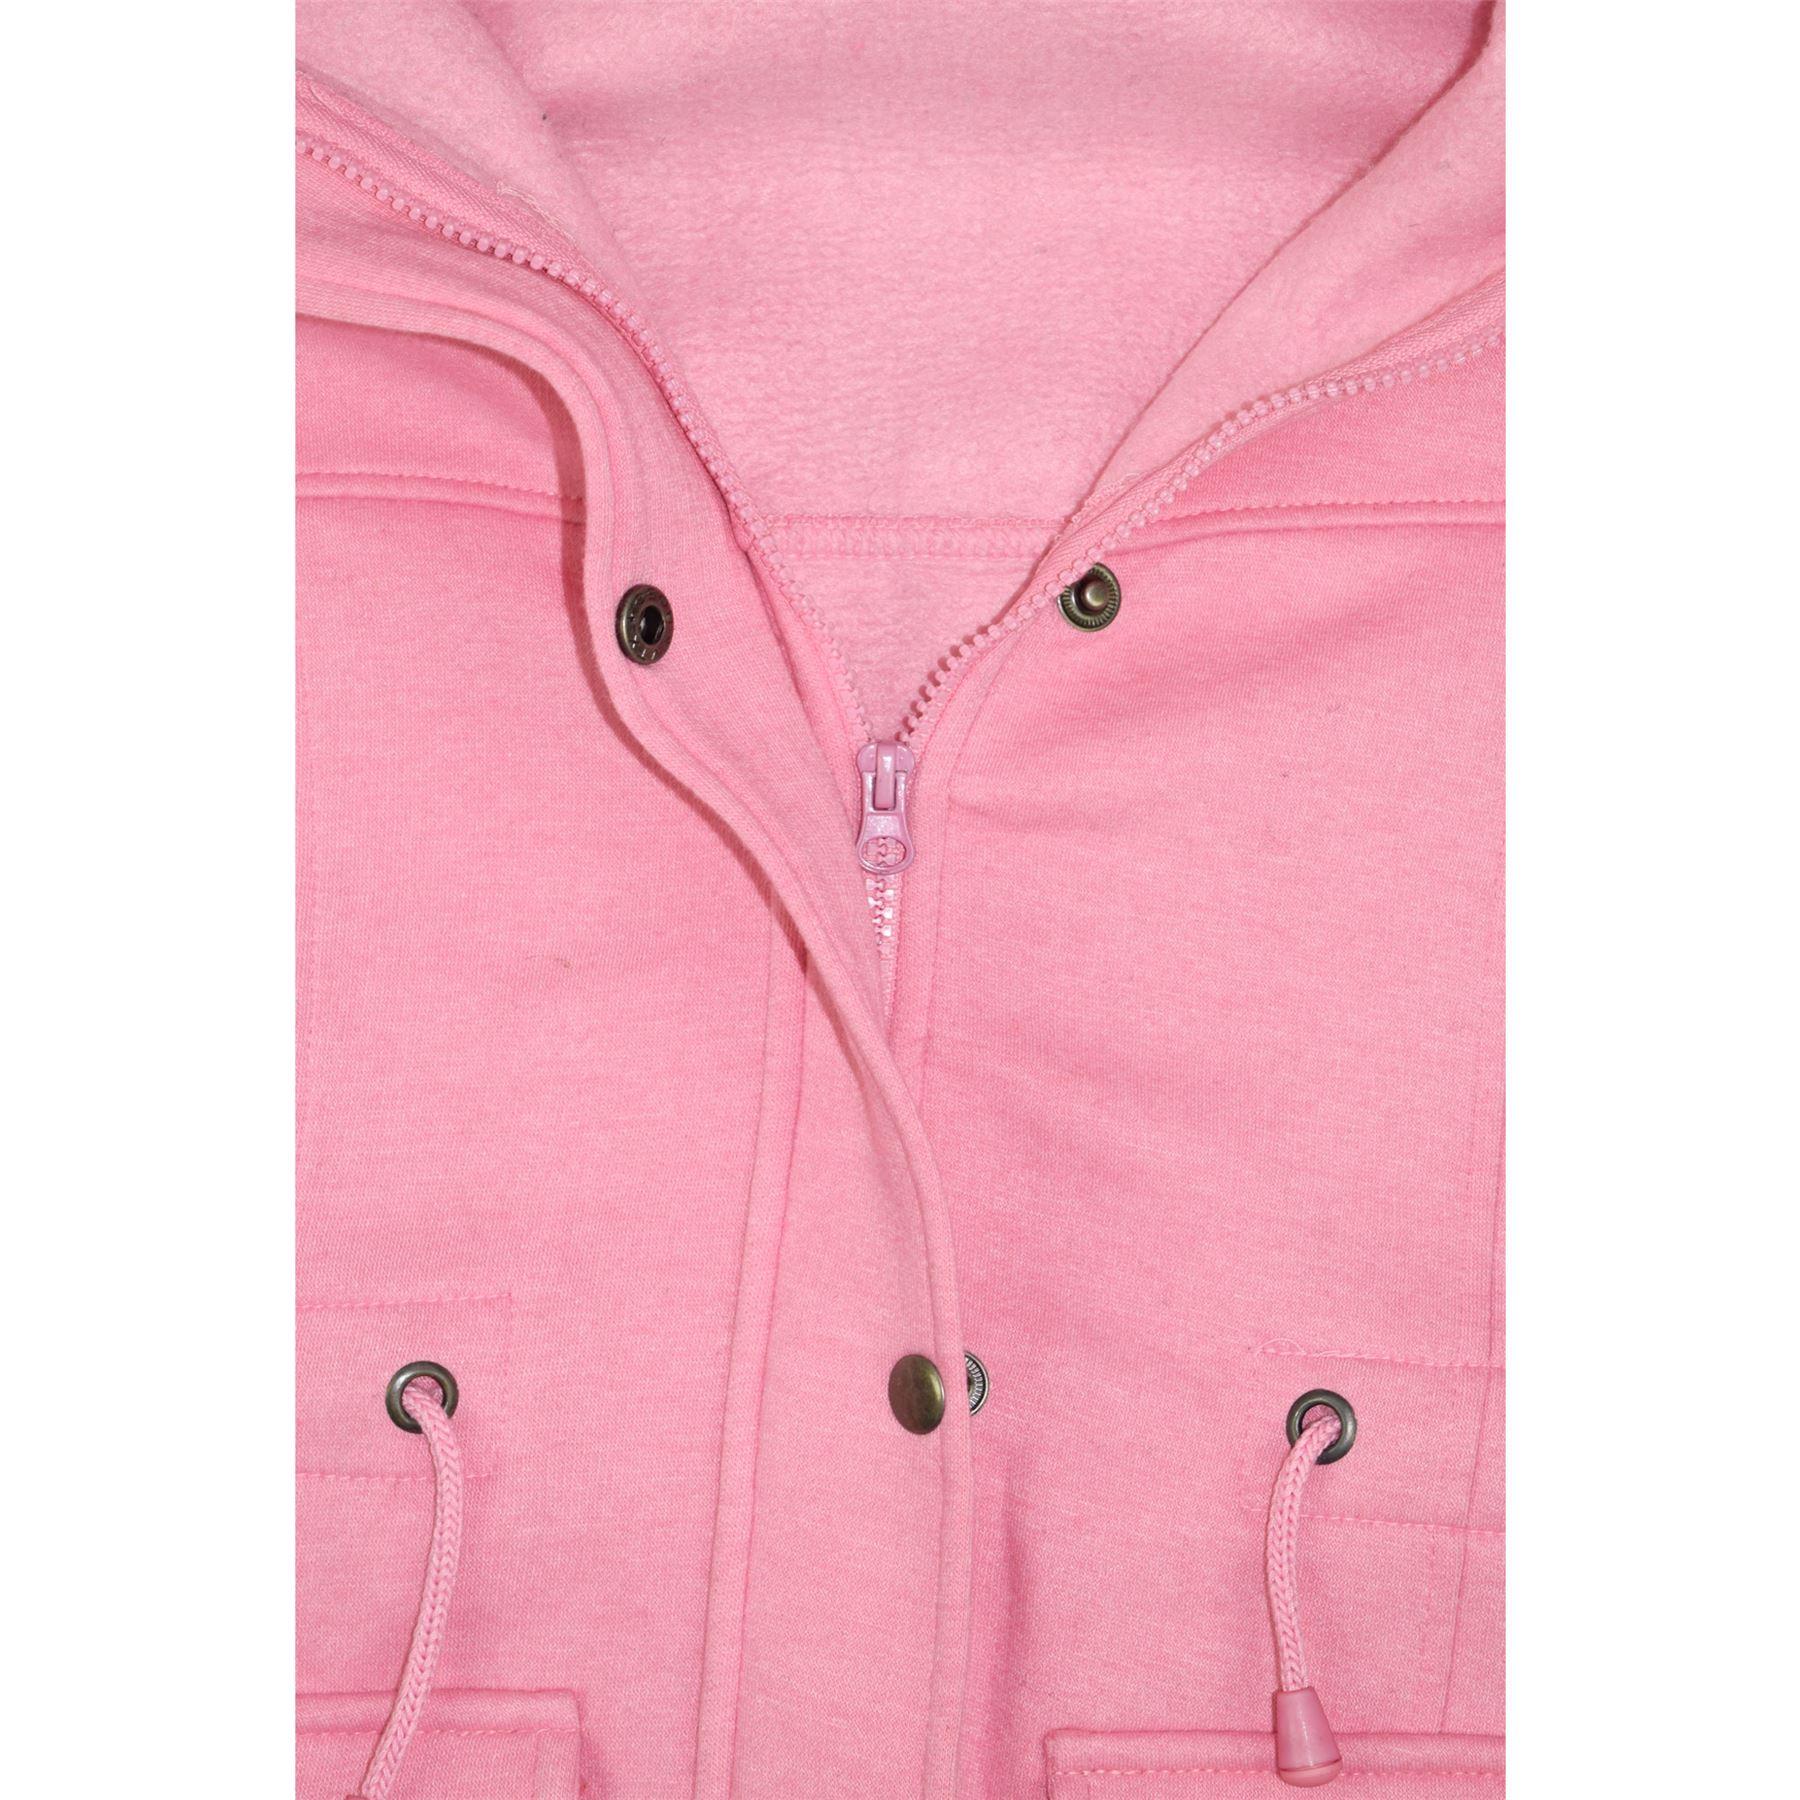 48f775a39d695 Kids Girls Coat Fleece Parka Jacket Long Faux Fur Hooded Winter ...